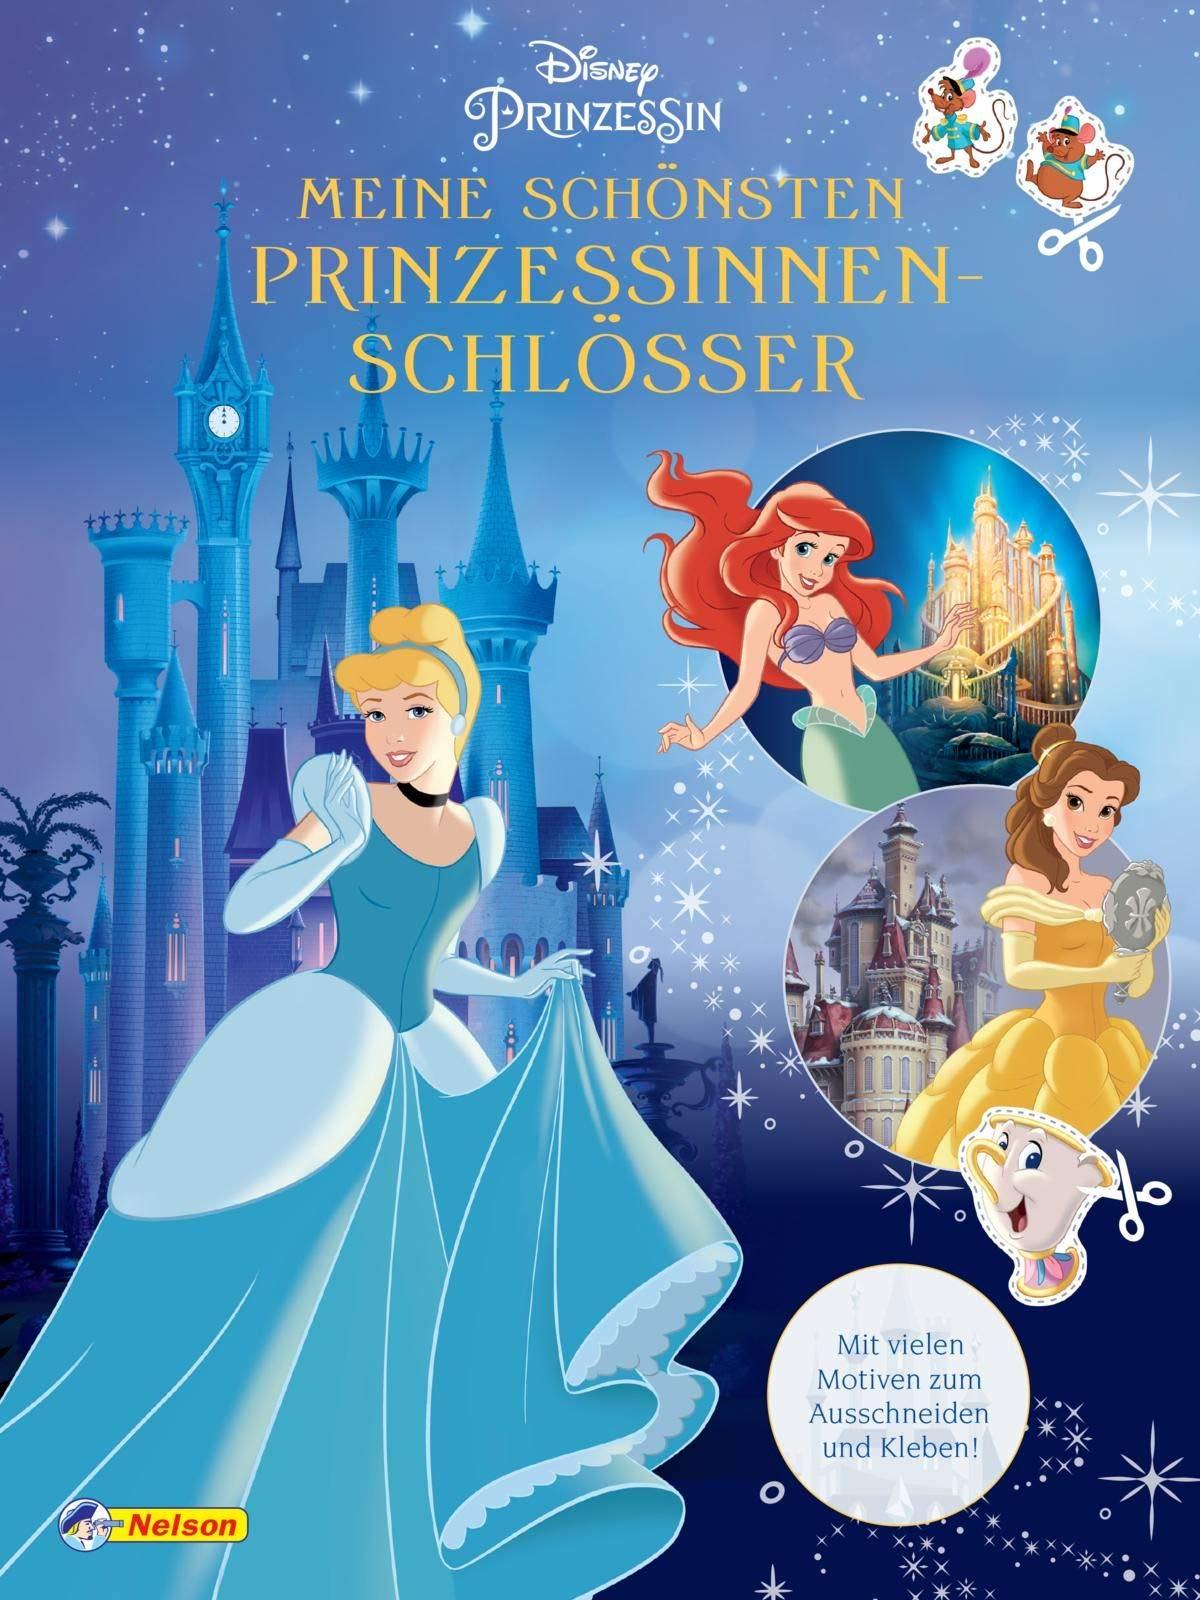 Disney Prinzessin: Meine schönsten Prinzessinnen-Schlösser